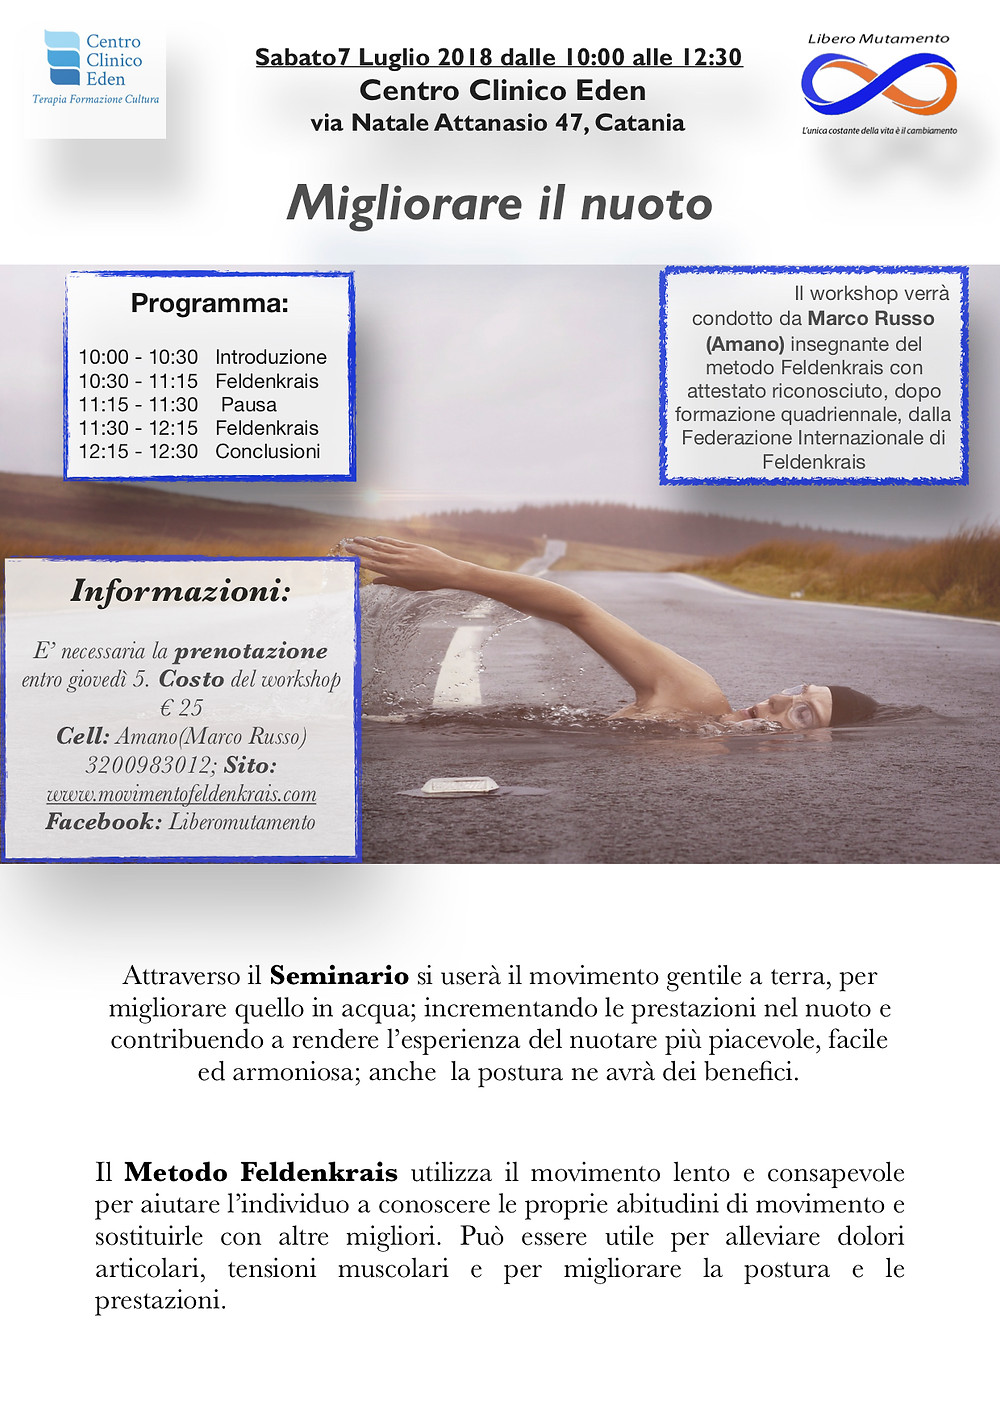 Migliorare il nuoto col Metodo Feldenkrais